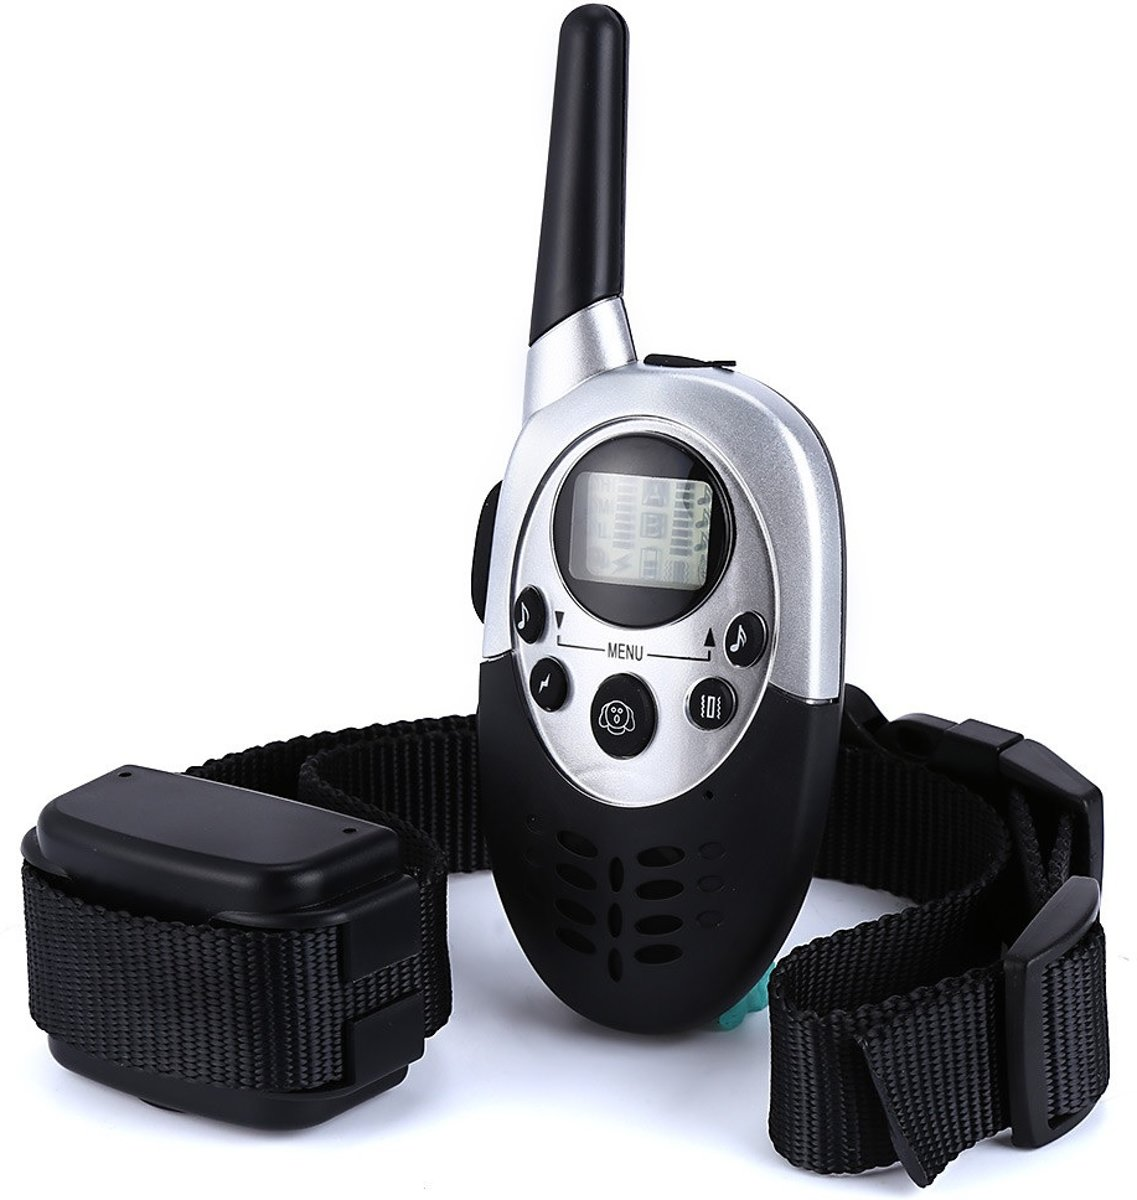 Trainingshalsband - trainingsband voor u hond met afstandsbediening - Halsomtrek van 23 tot 58cm - oplaadbaar kopen